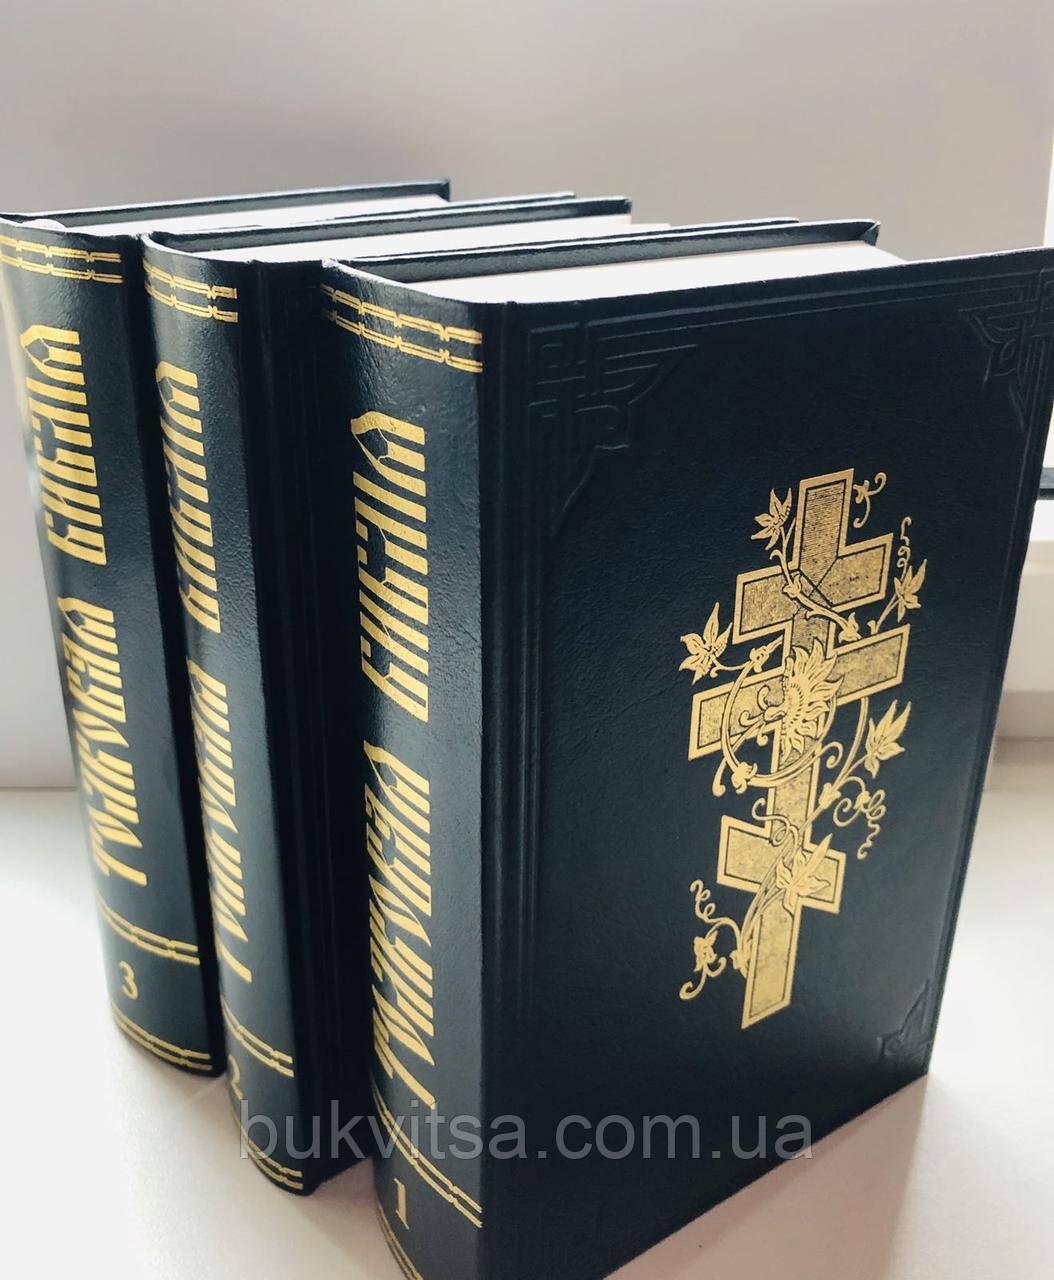 Толковая Библия, 15х23 см, в трех книгах под редакцией А. П. Лопухина